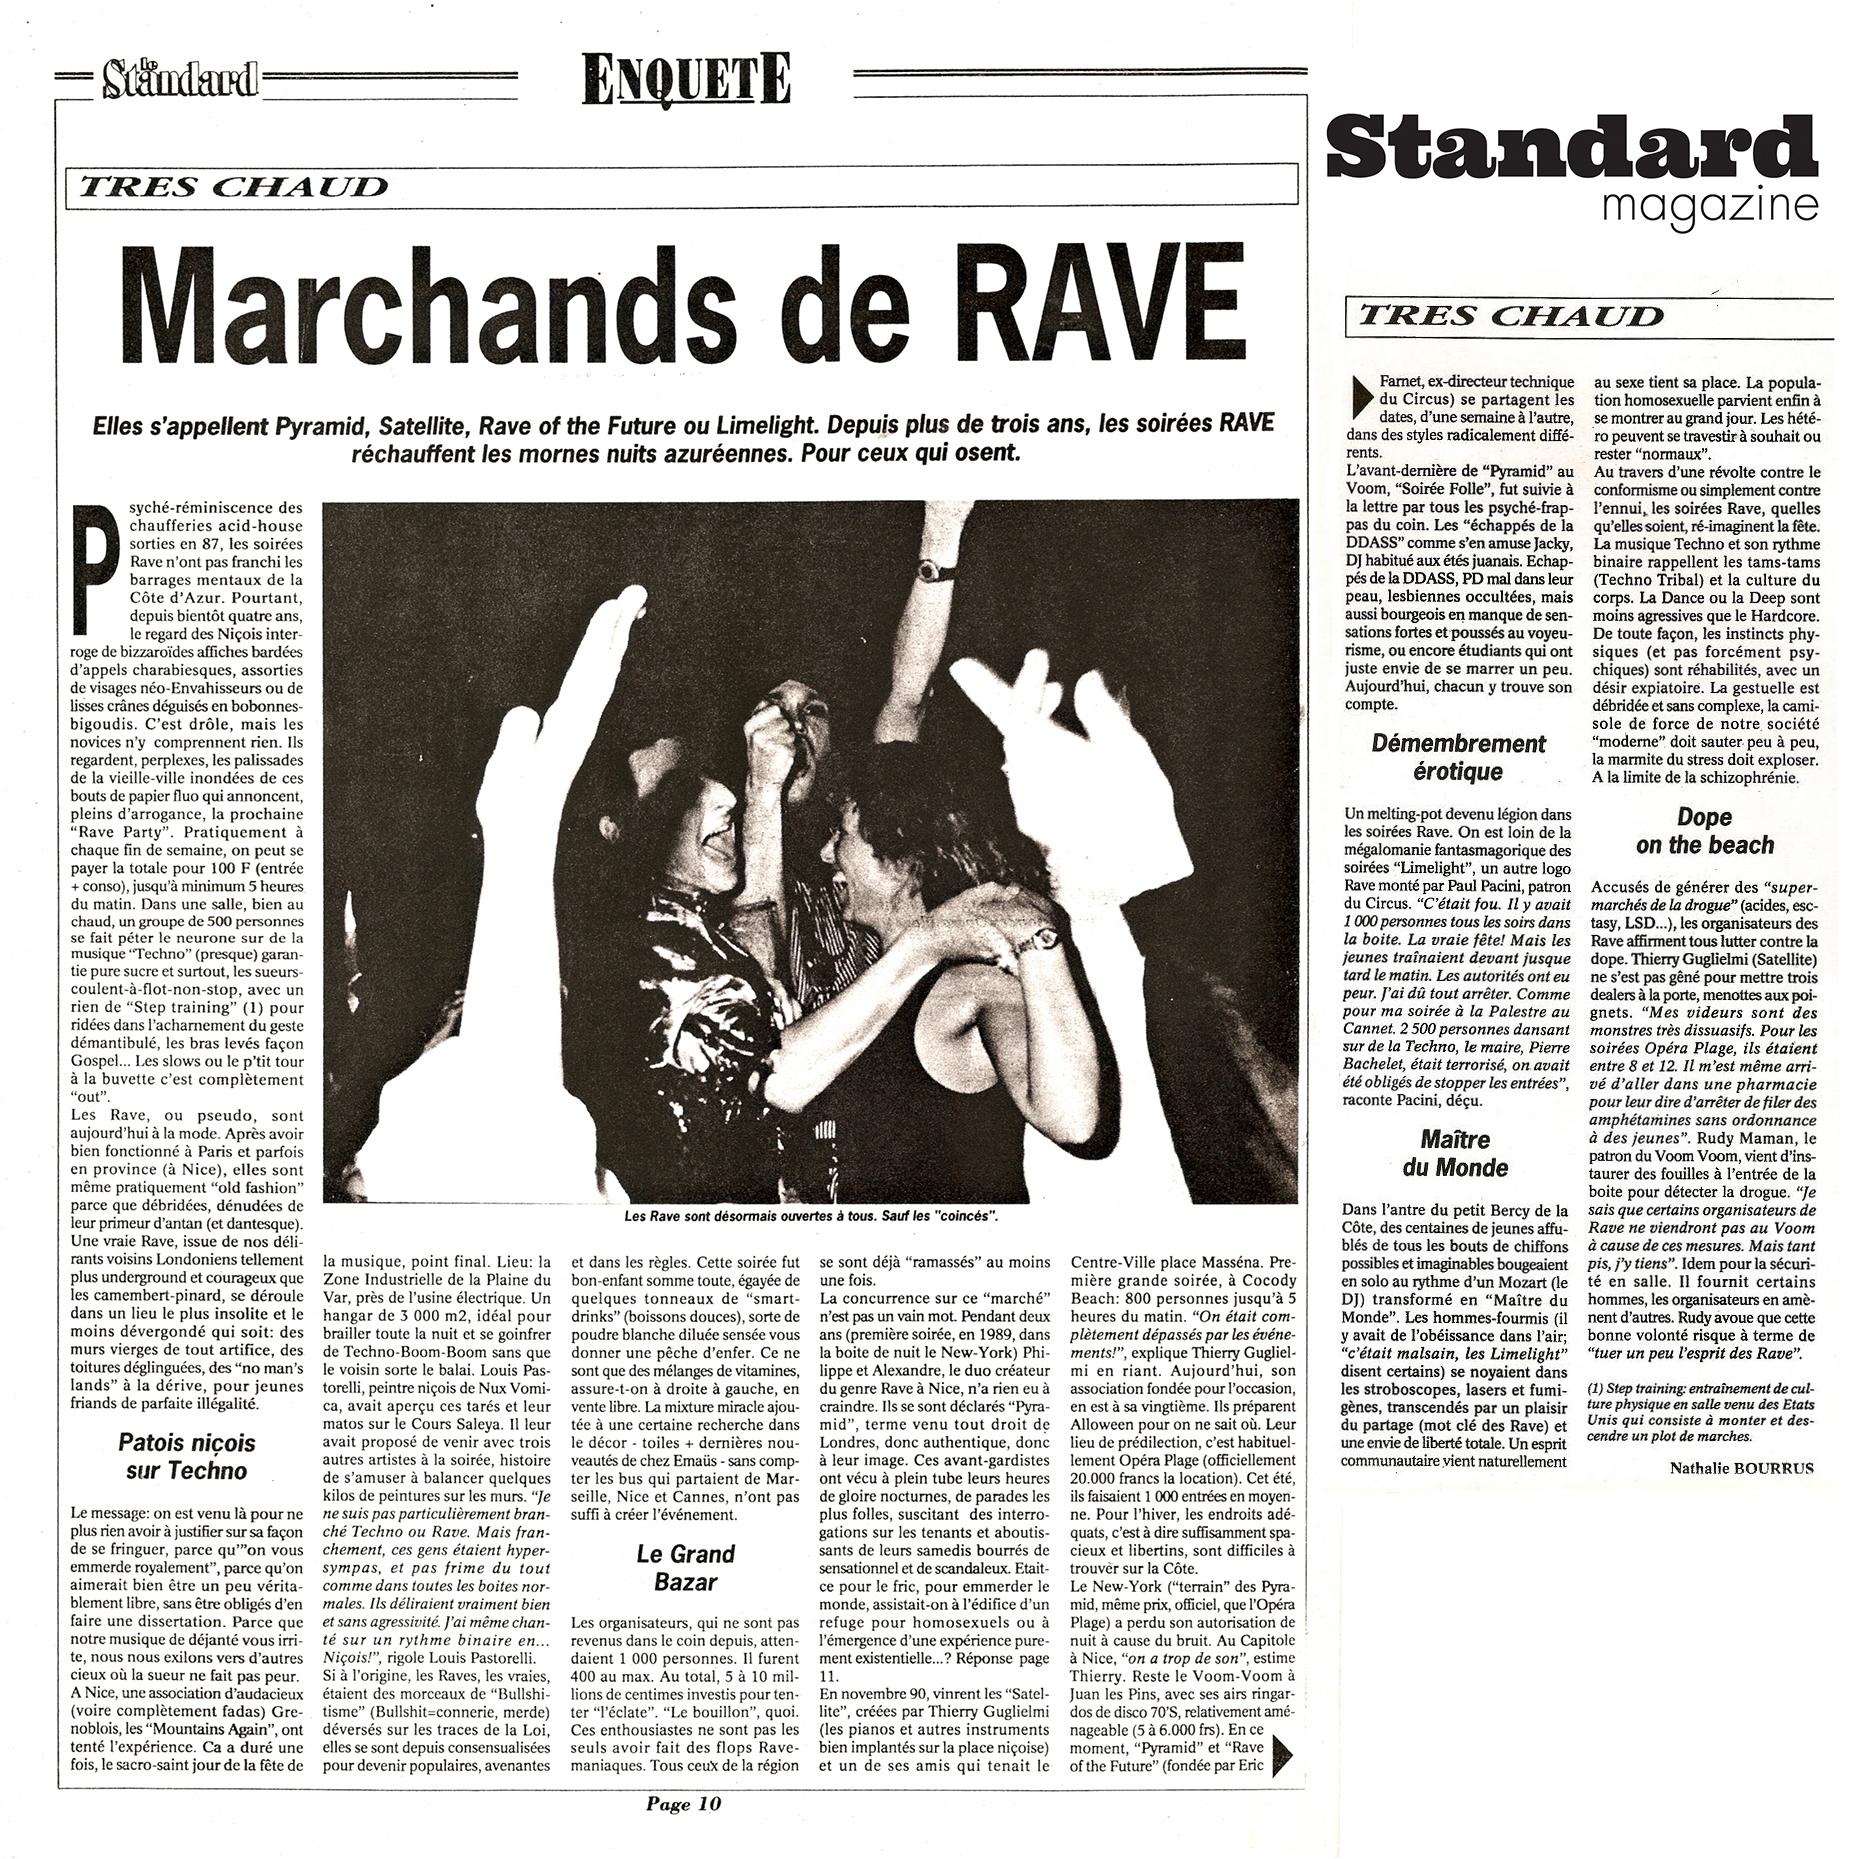 1992 LE STANDARD